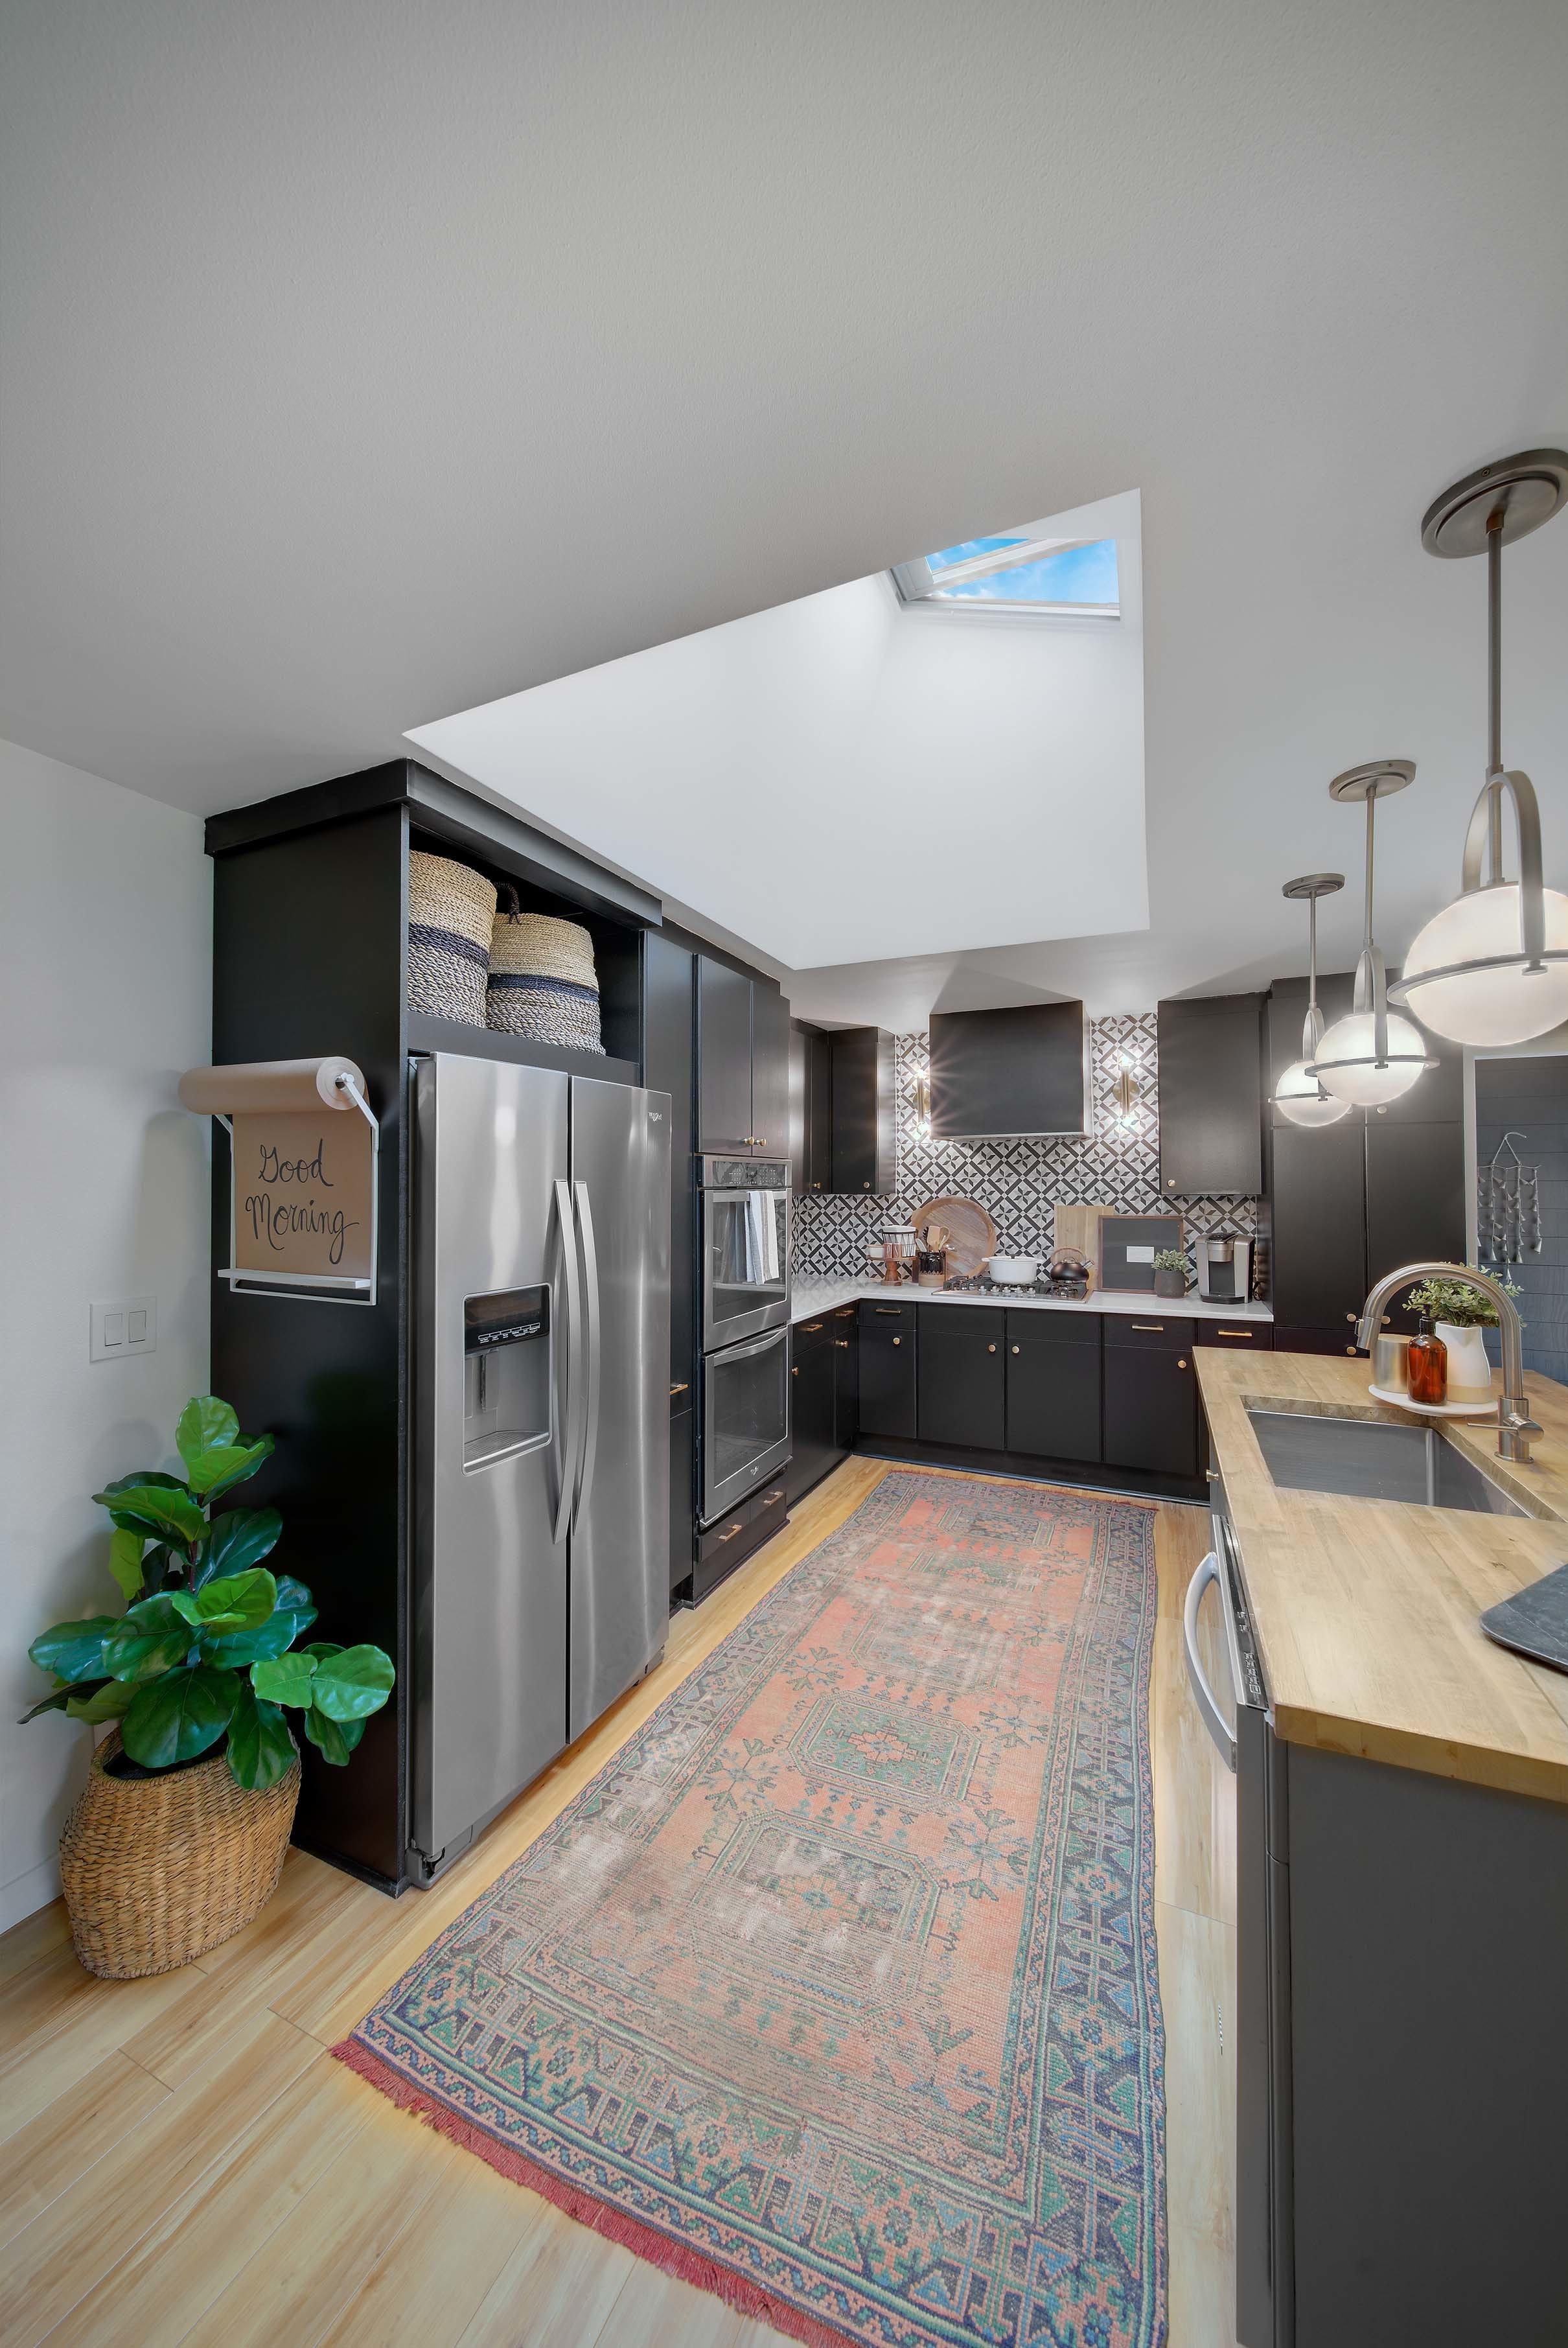 Kitchen skylights vintage rug black cabinets